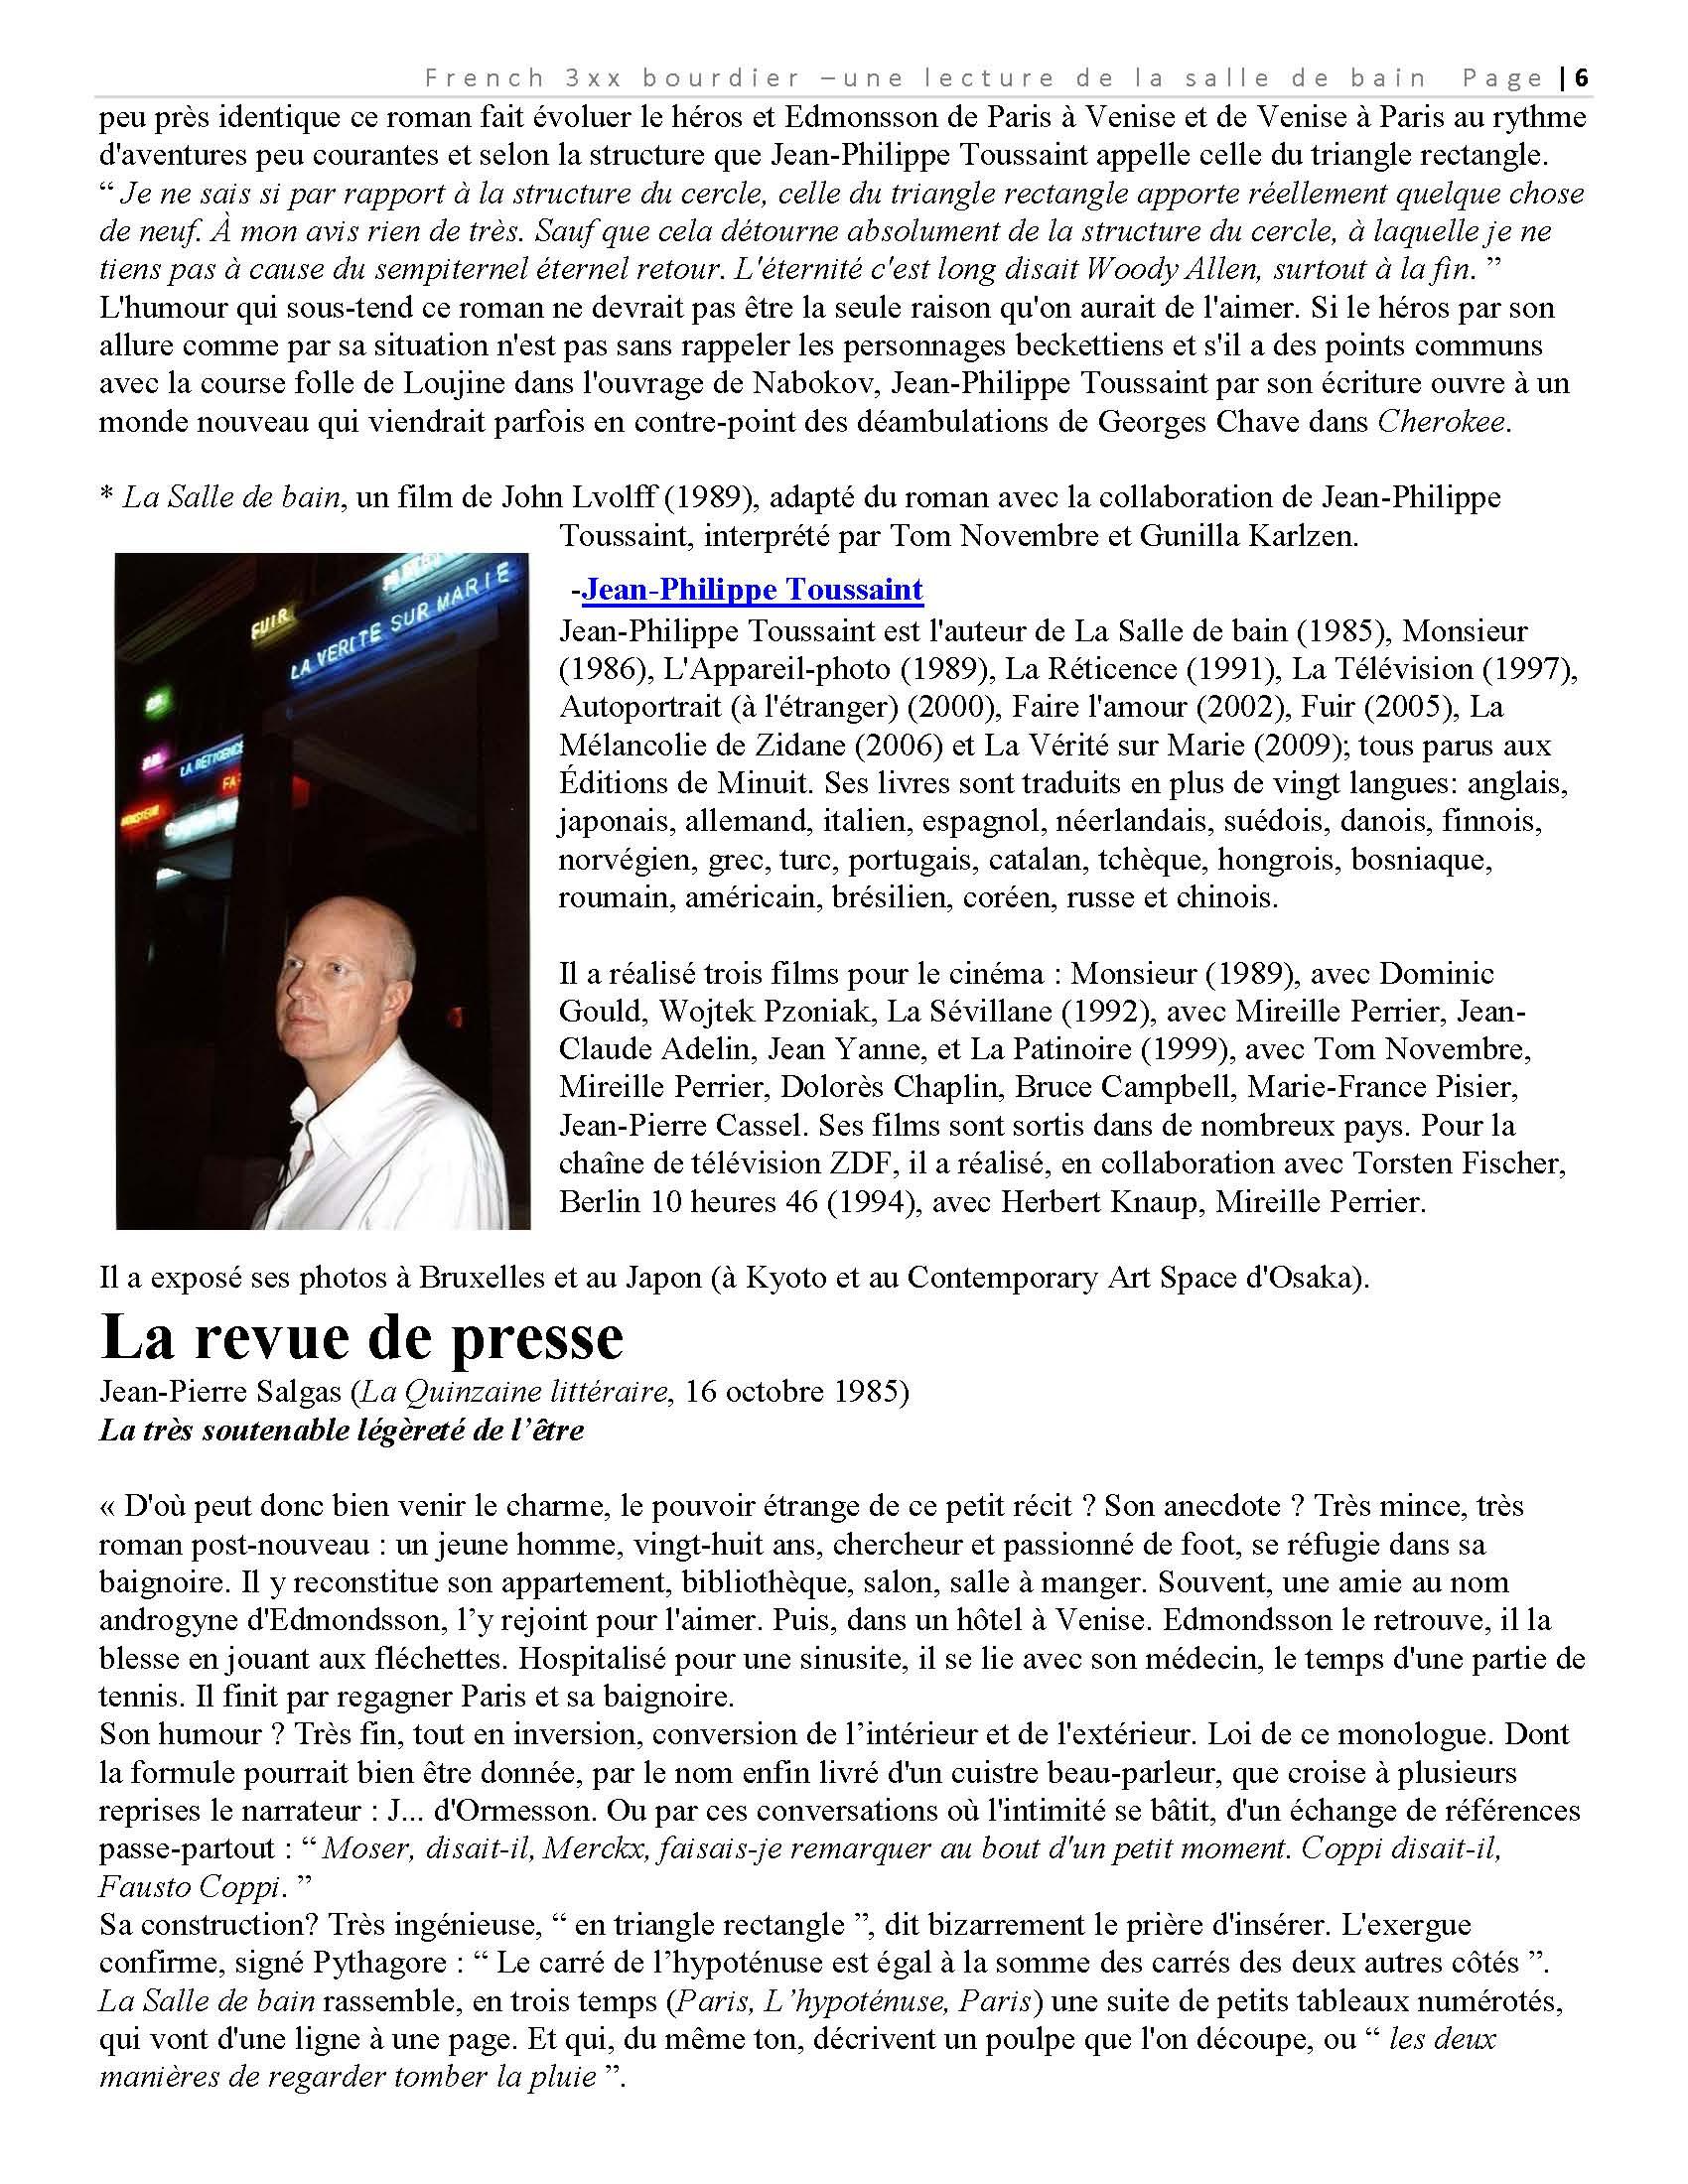 La salle de bain toussaint french again juliette bourdier for Jean philippe toussaint la salle de bain